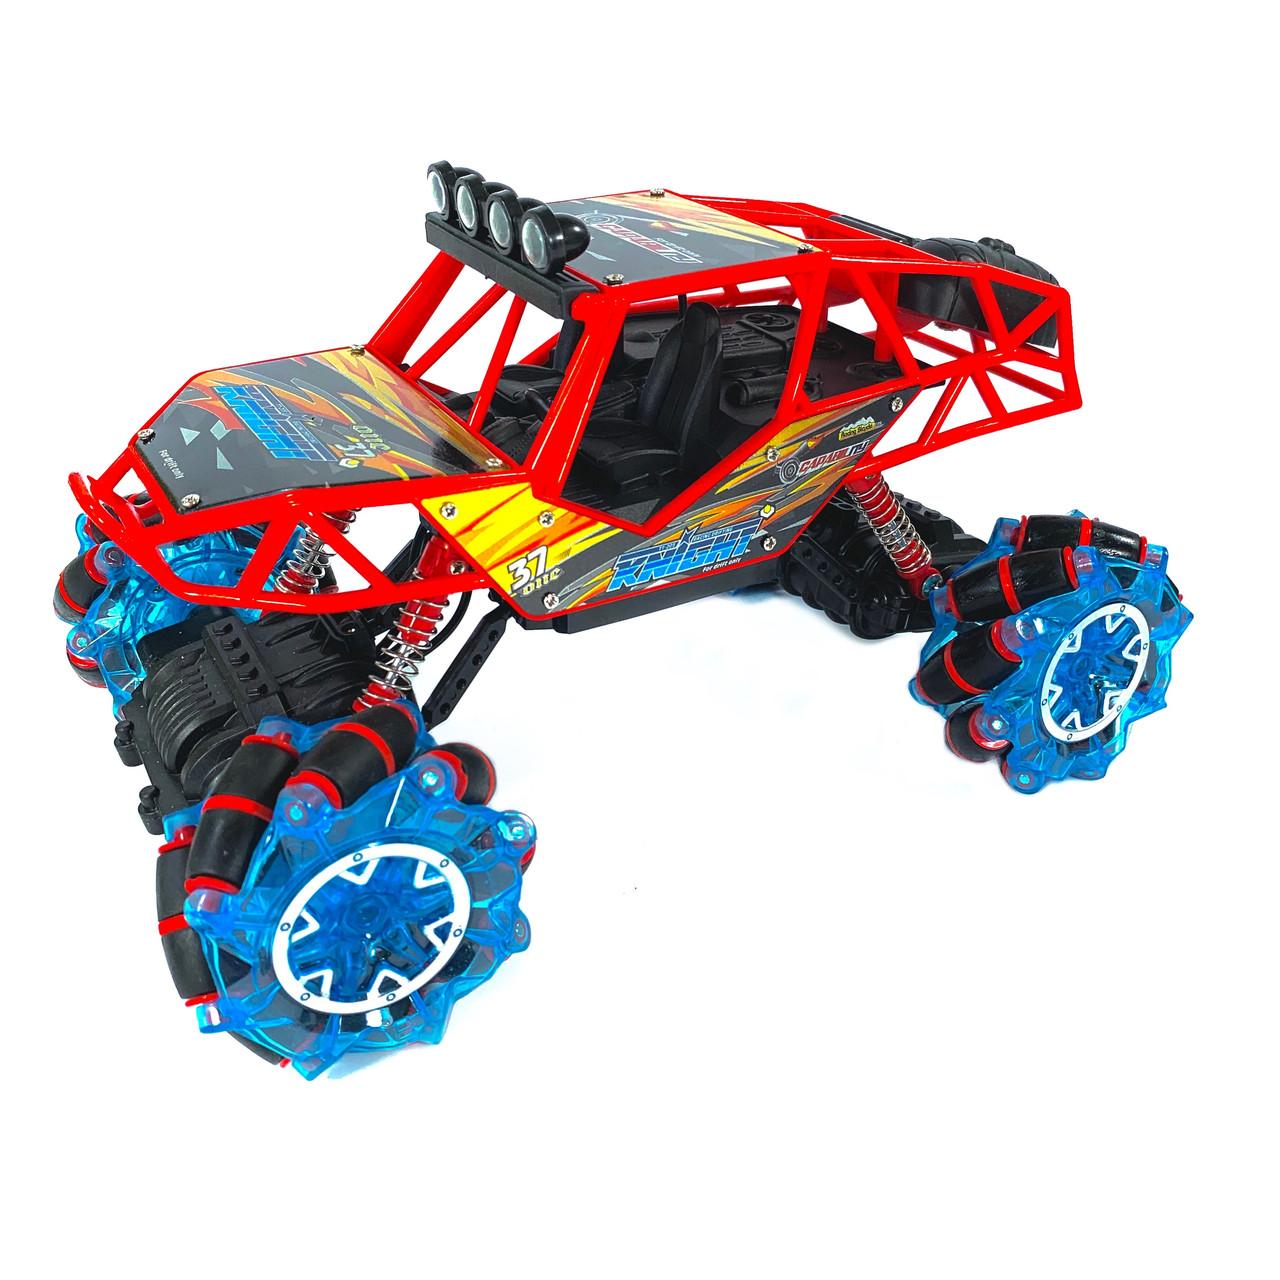 Джип на роликовых колёсах ZG-C 1431